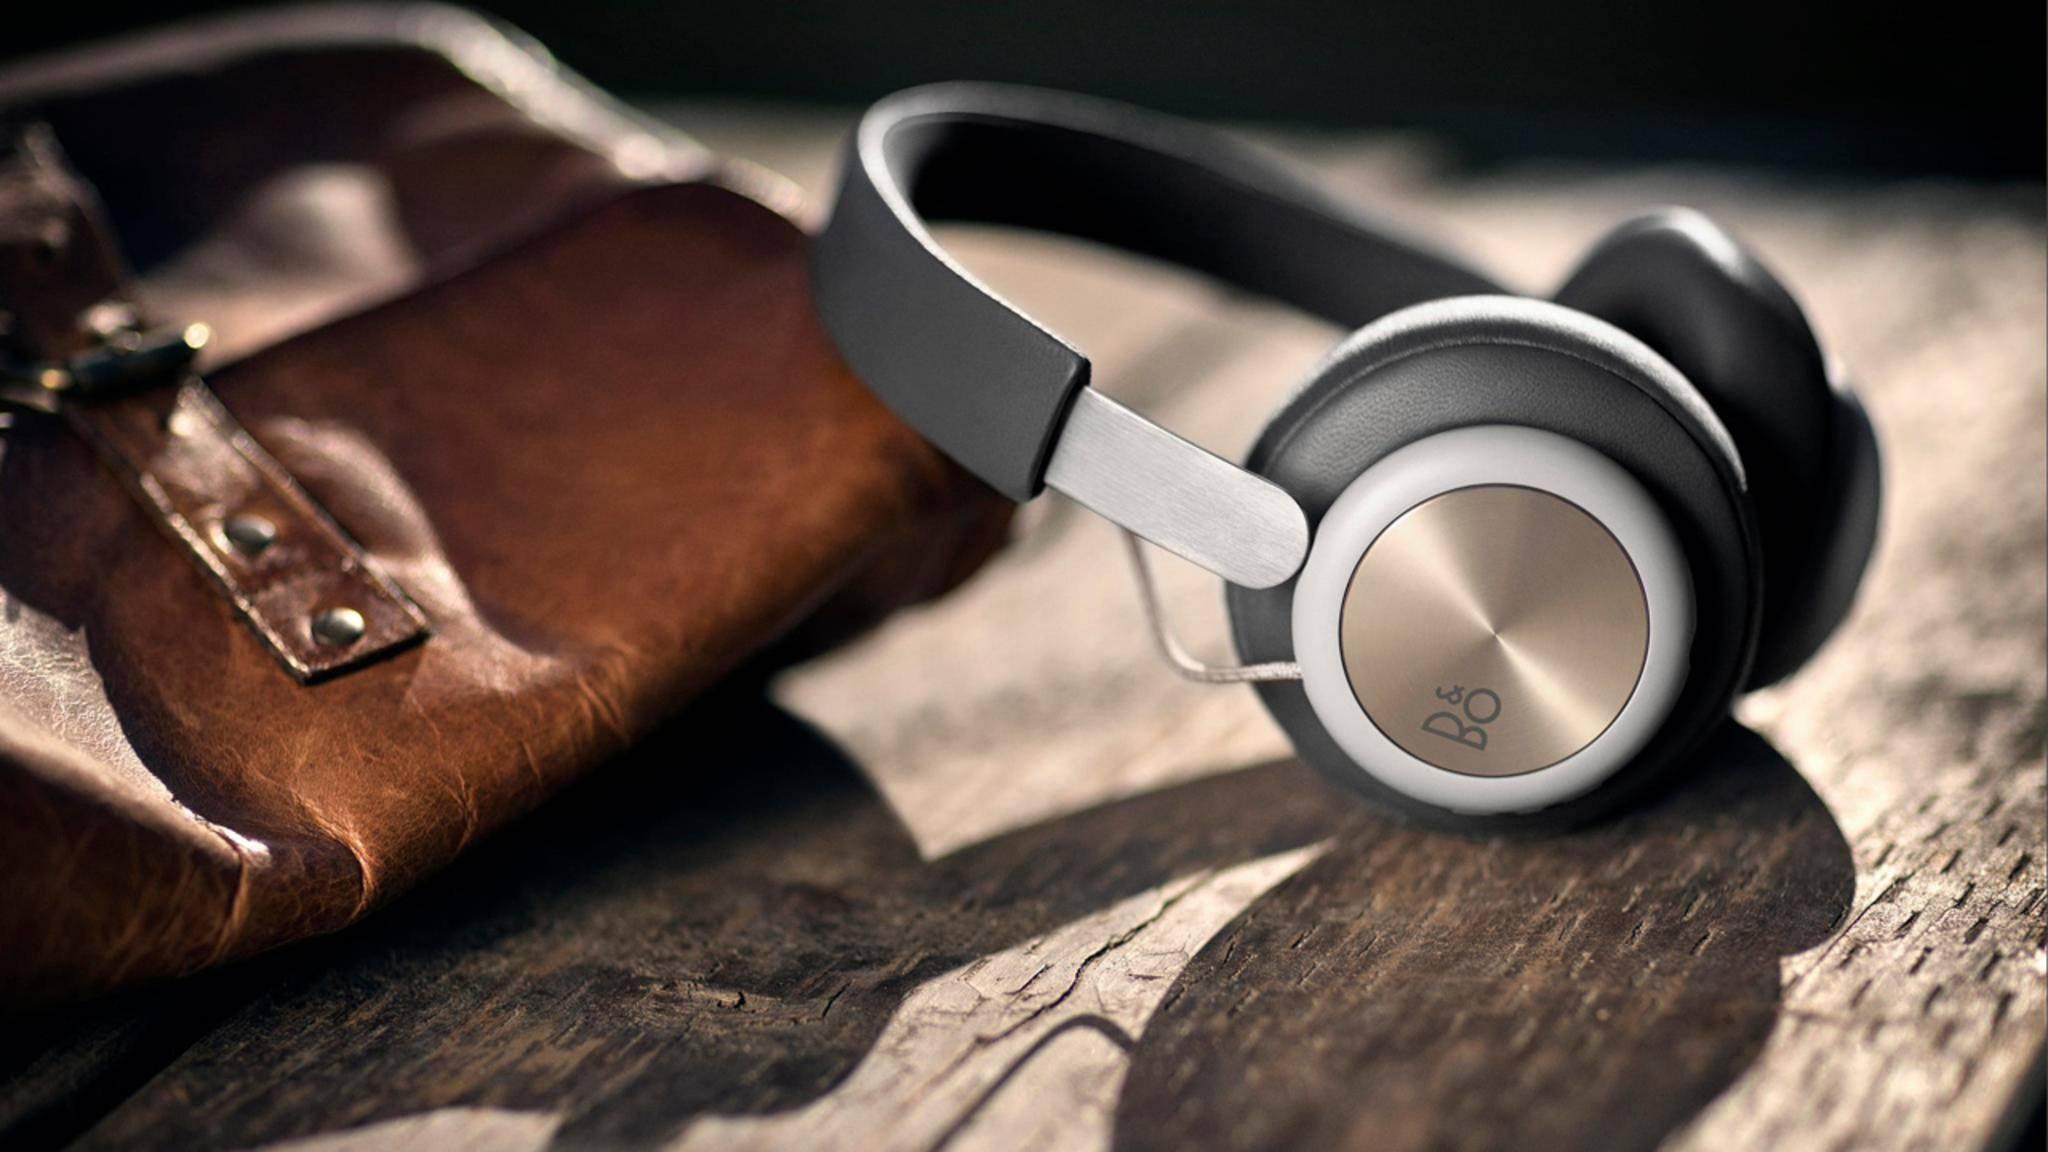 Die Beoplay H4-Kopfhörer setzen auf ein puristisches Design.